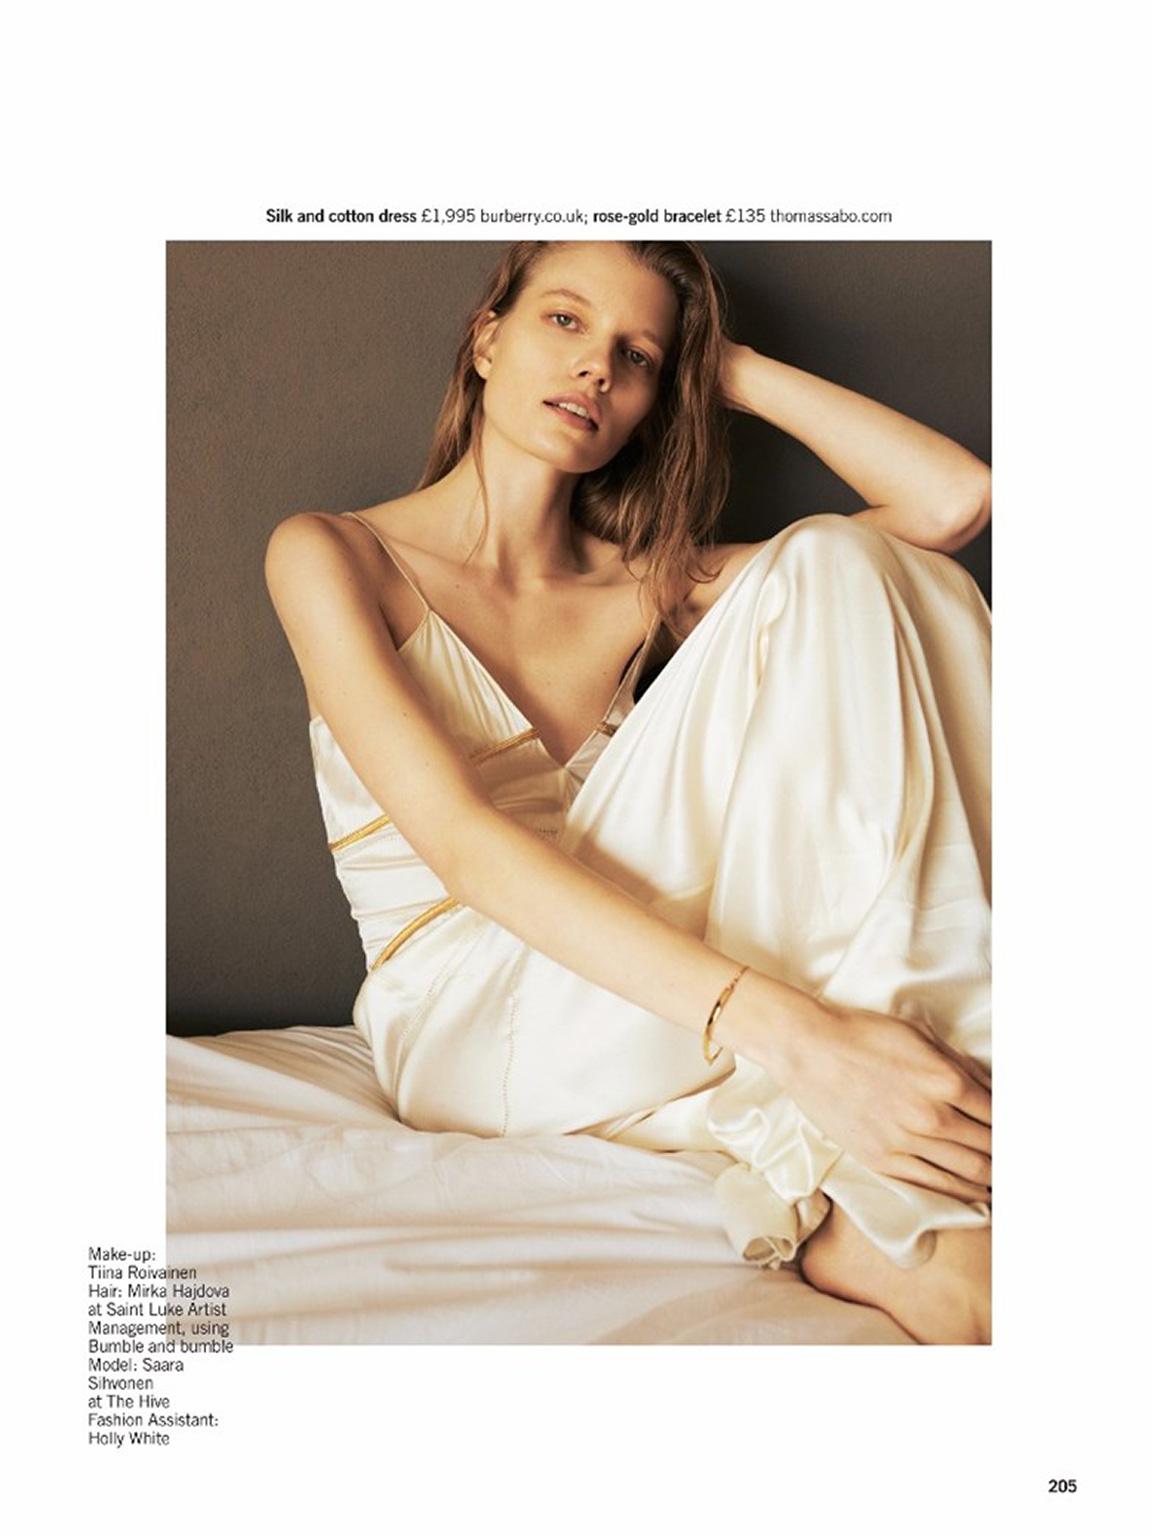 Leaked Saara Sihvonen nudes (48 foto and video), Topless, Leaked, Boobs, panties 2015